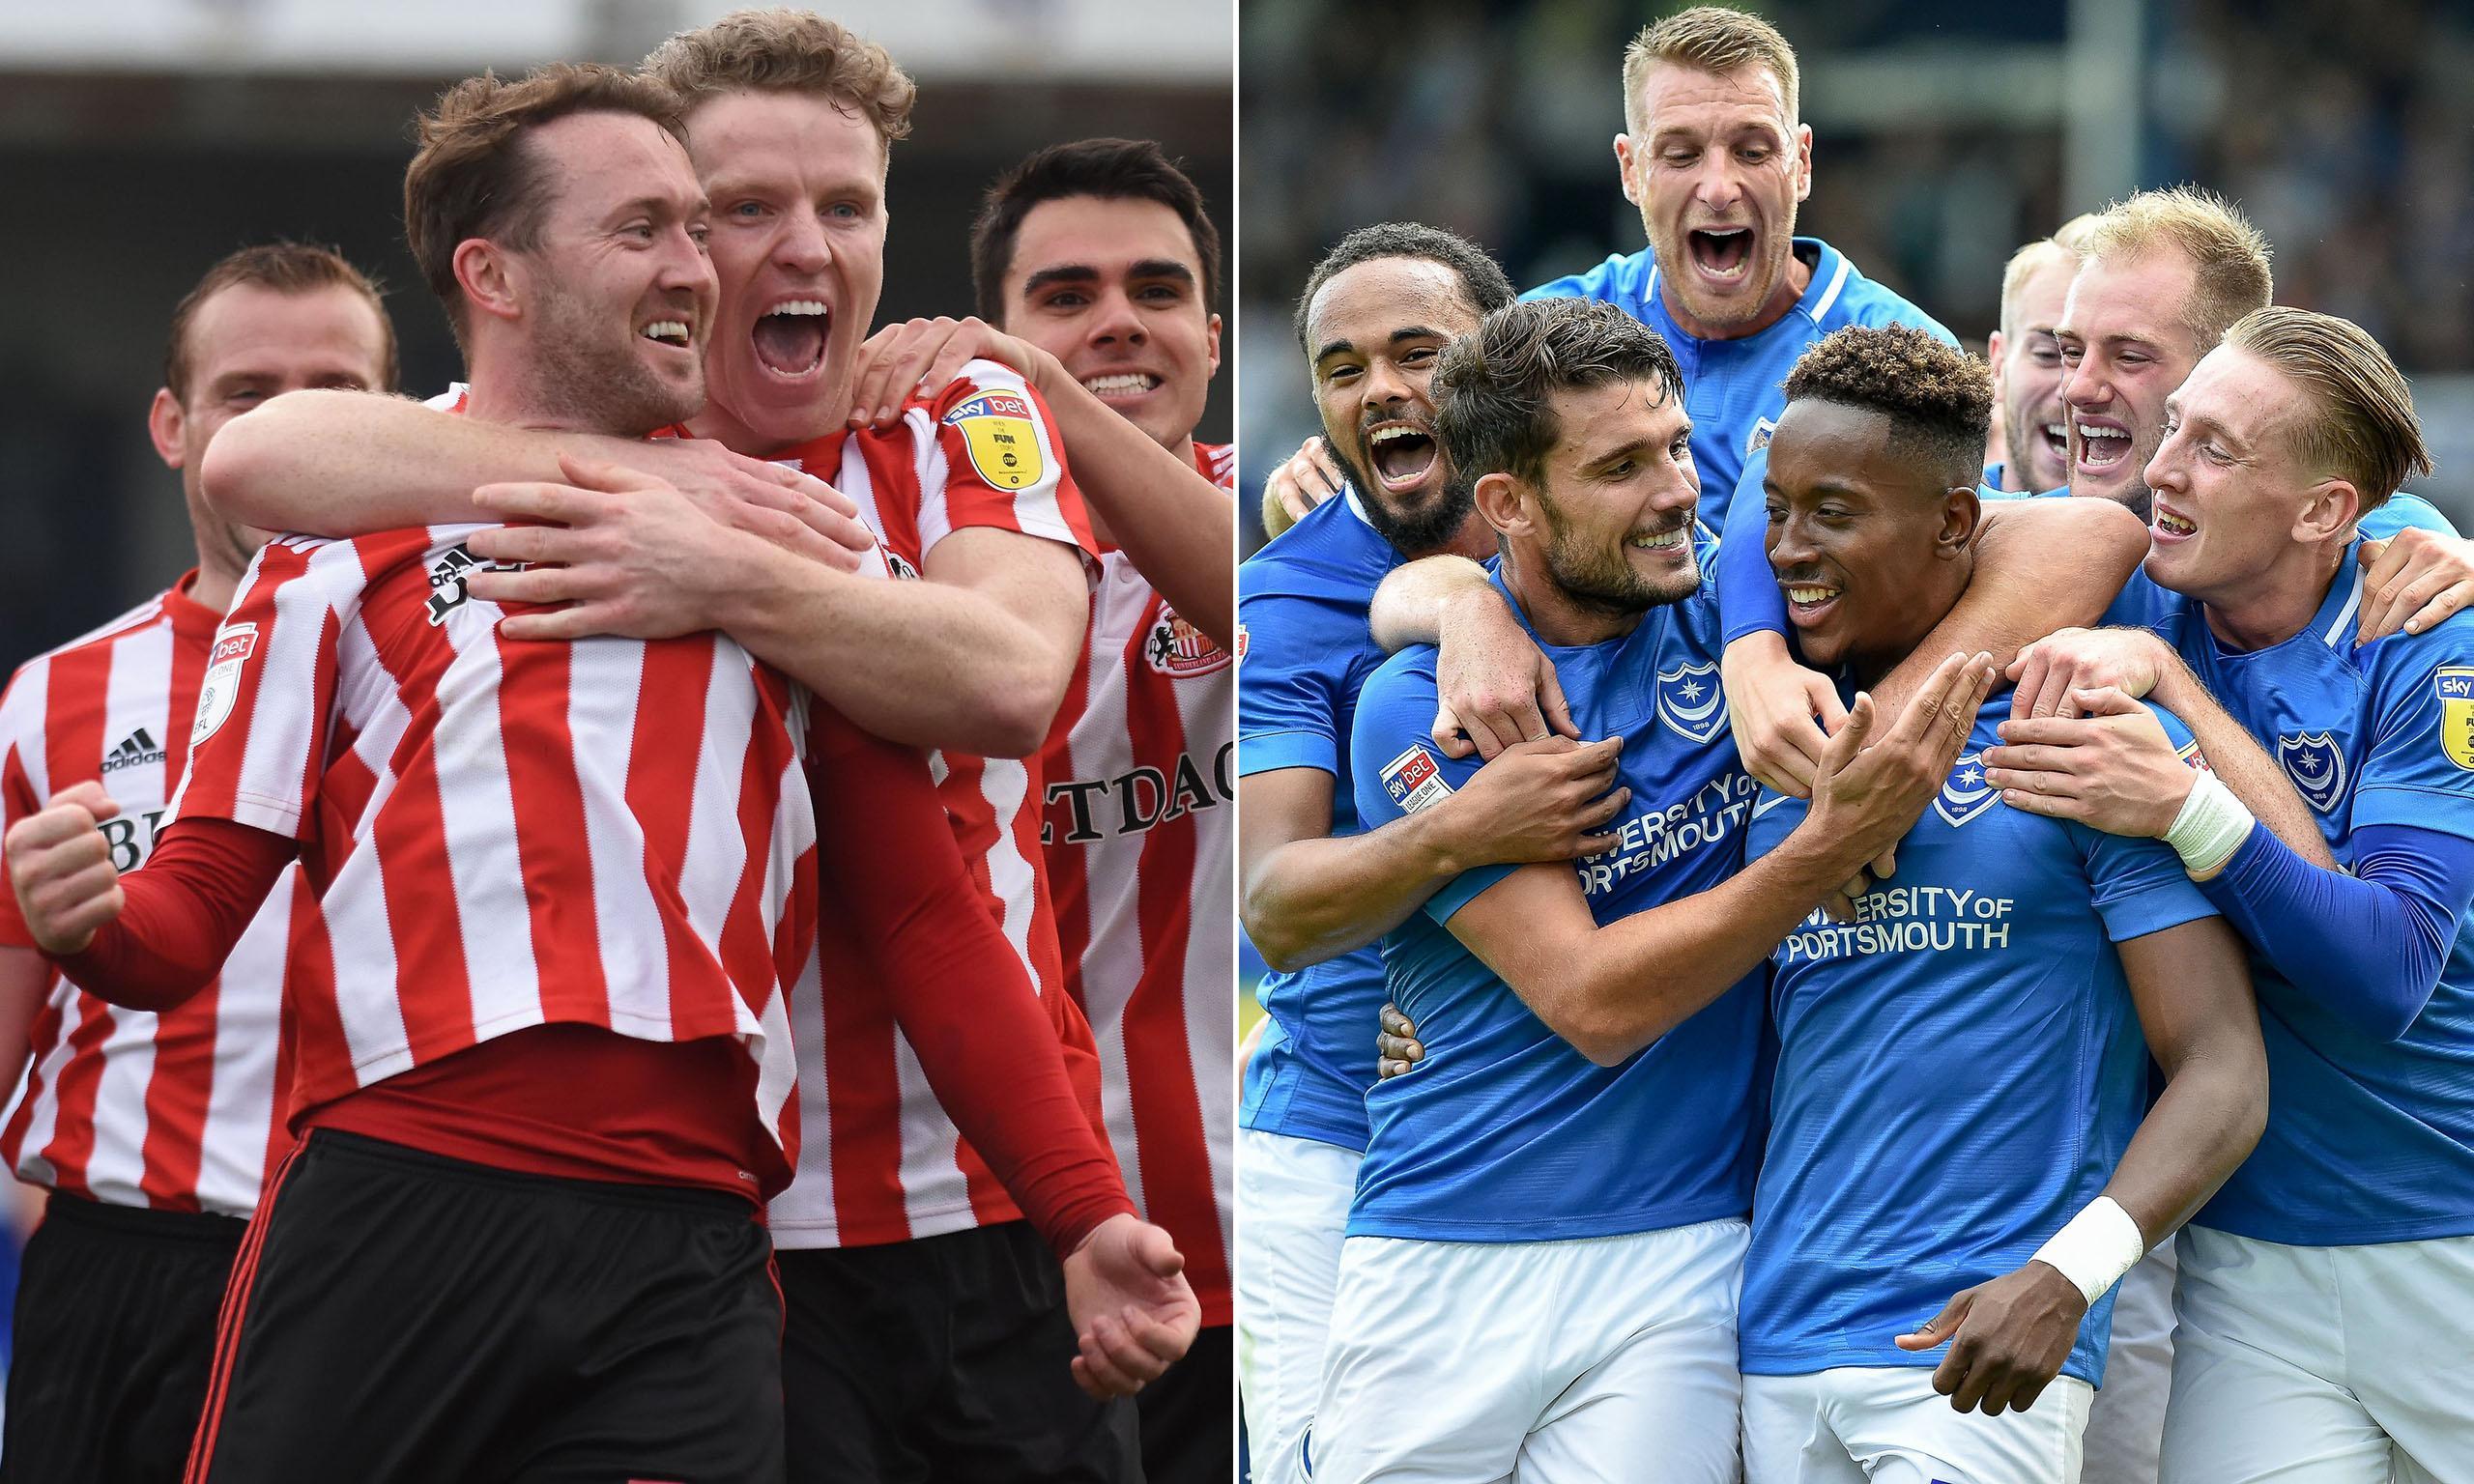 Sunderland afc celebrity fans of the walking